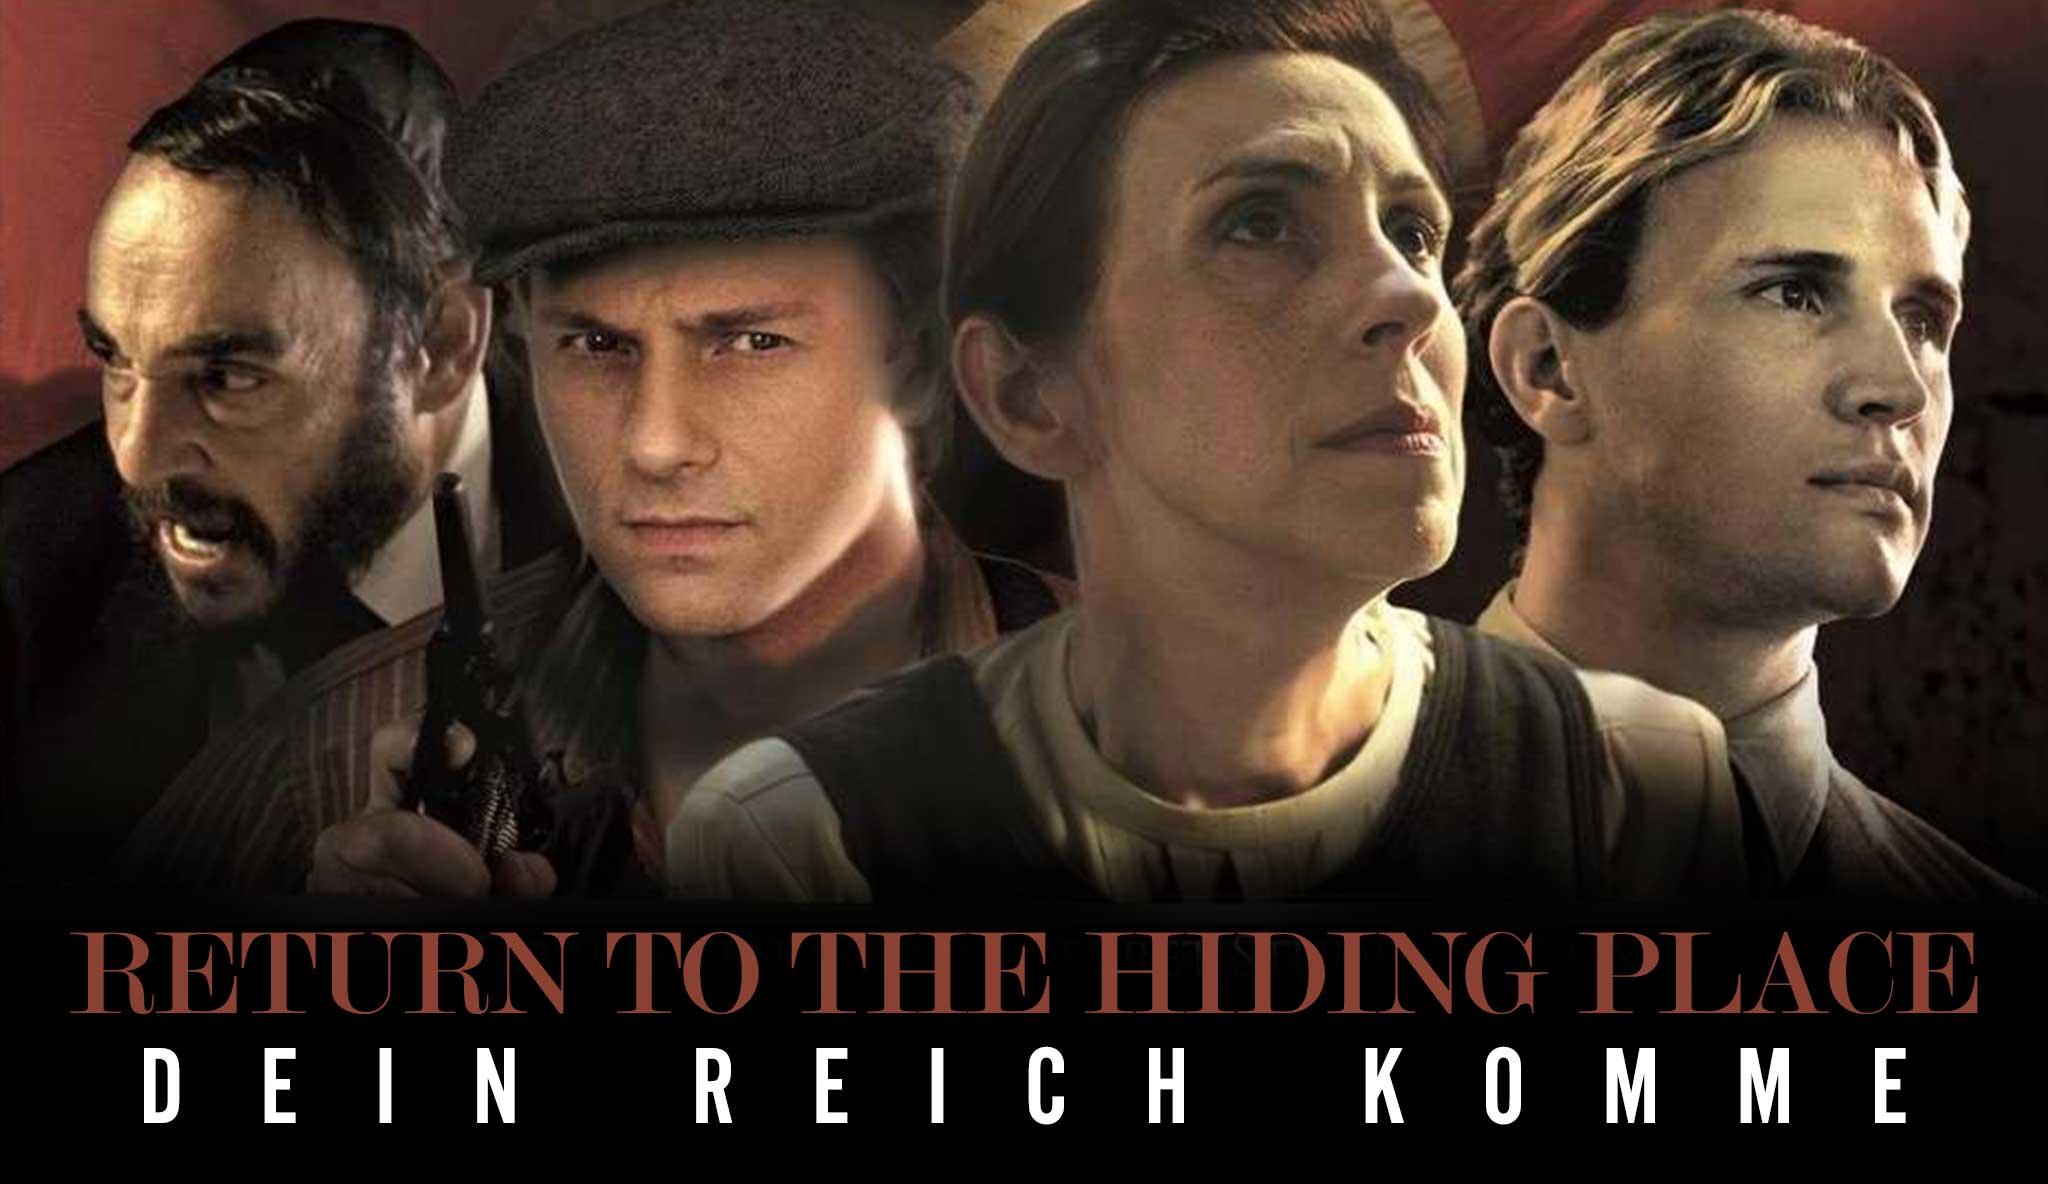 return-to-the-hiding-place-dein-reich-komme\header.jpg